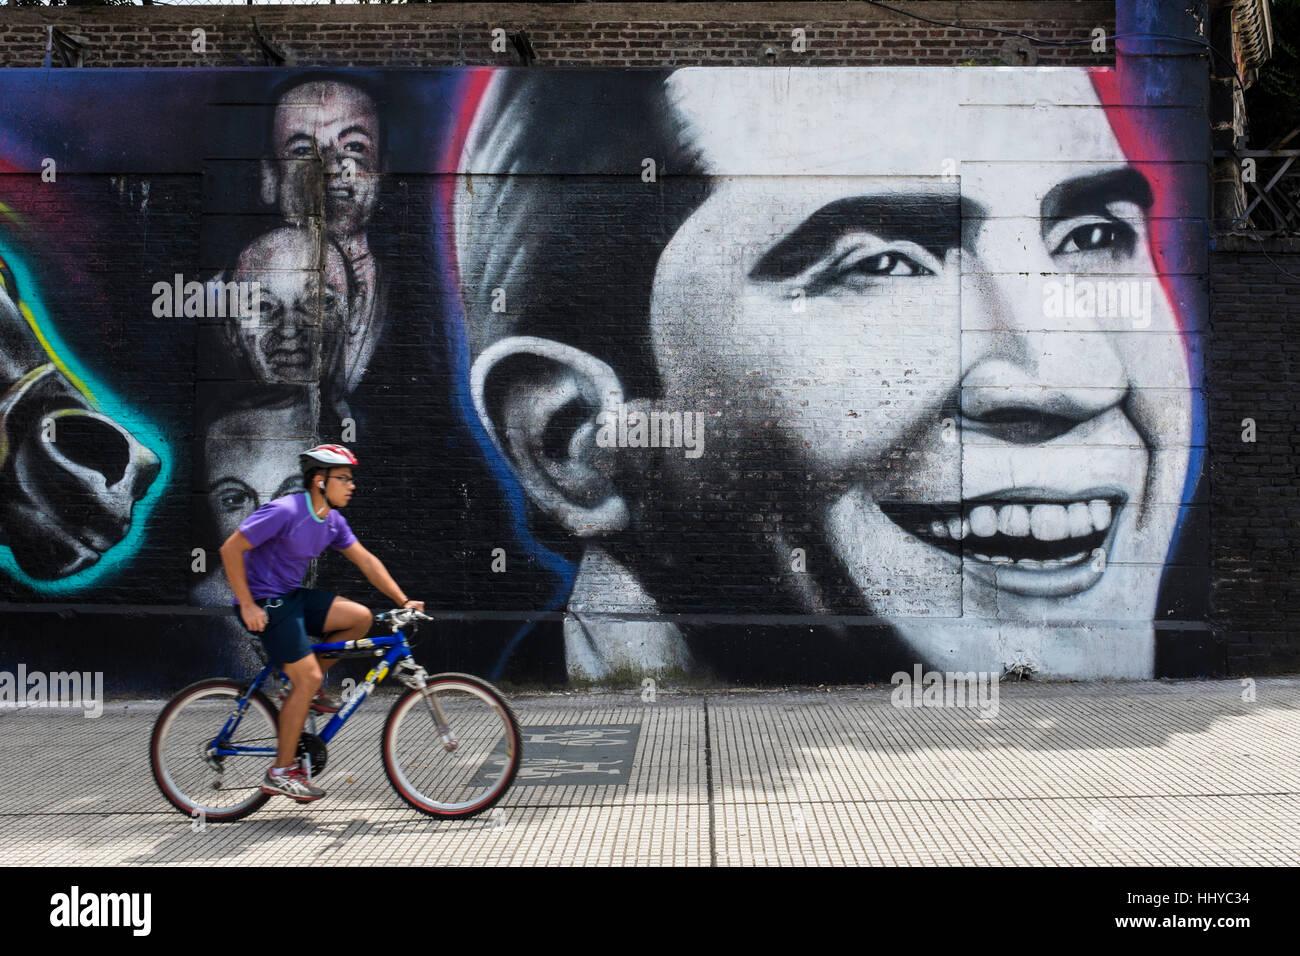 Radfahrer geht ein Wandbild von Tango-Sänger Carlos Gardel in Stadt Buenos Aires, Argentinien. Stockbild